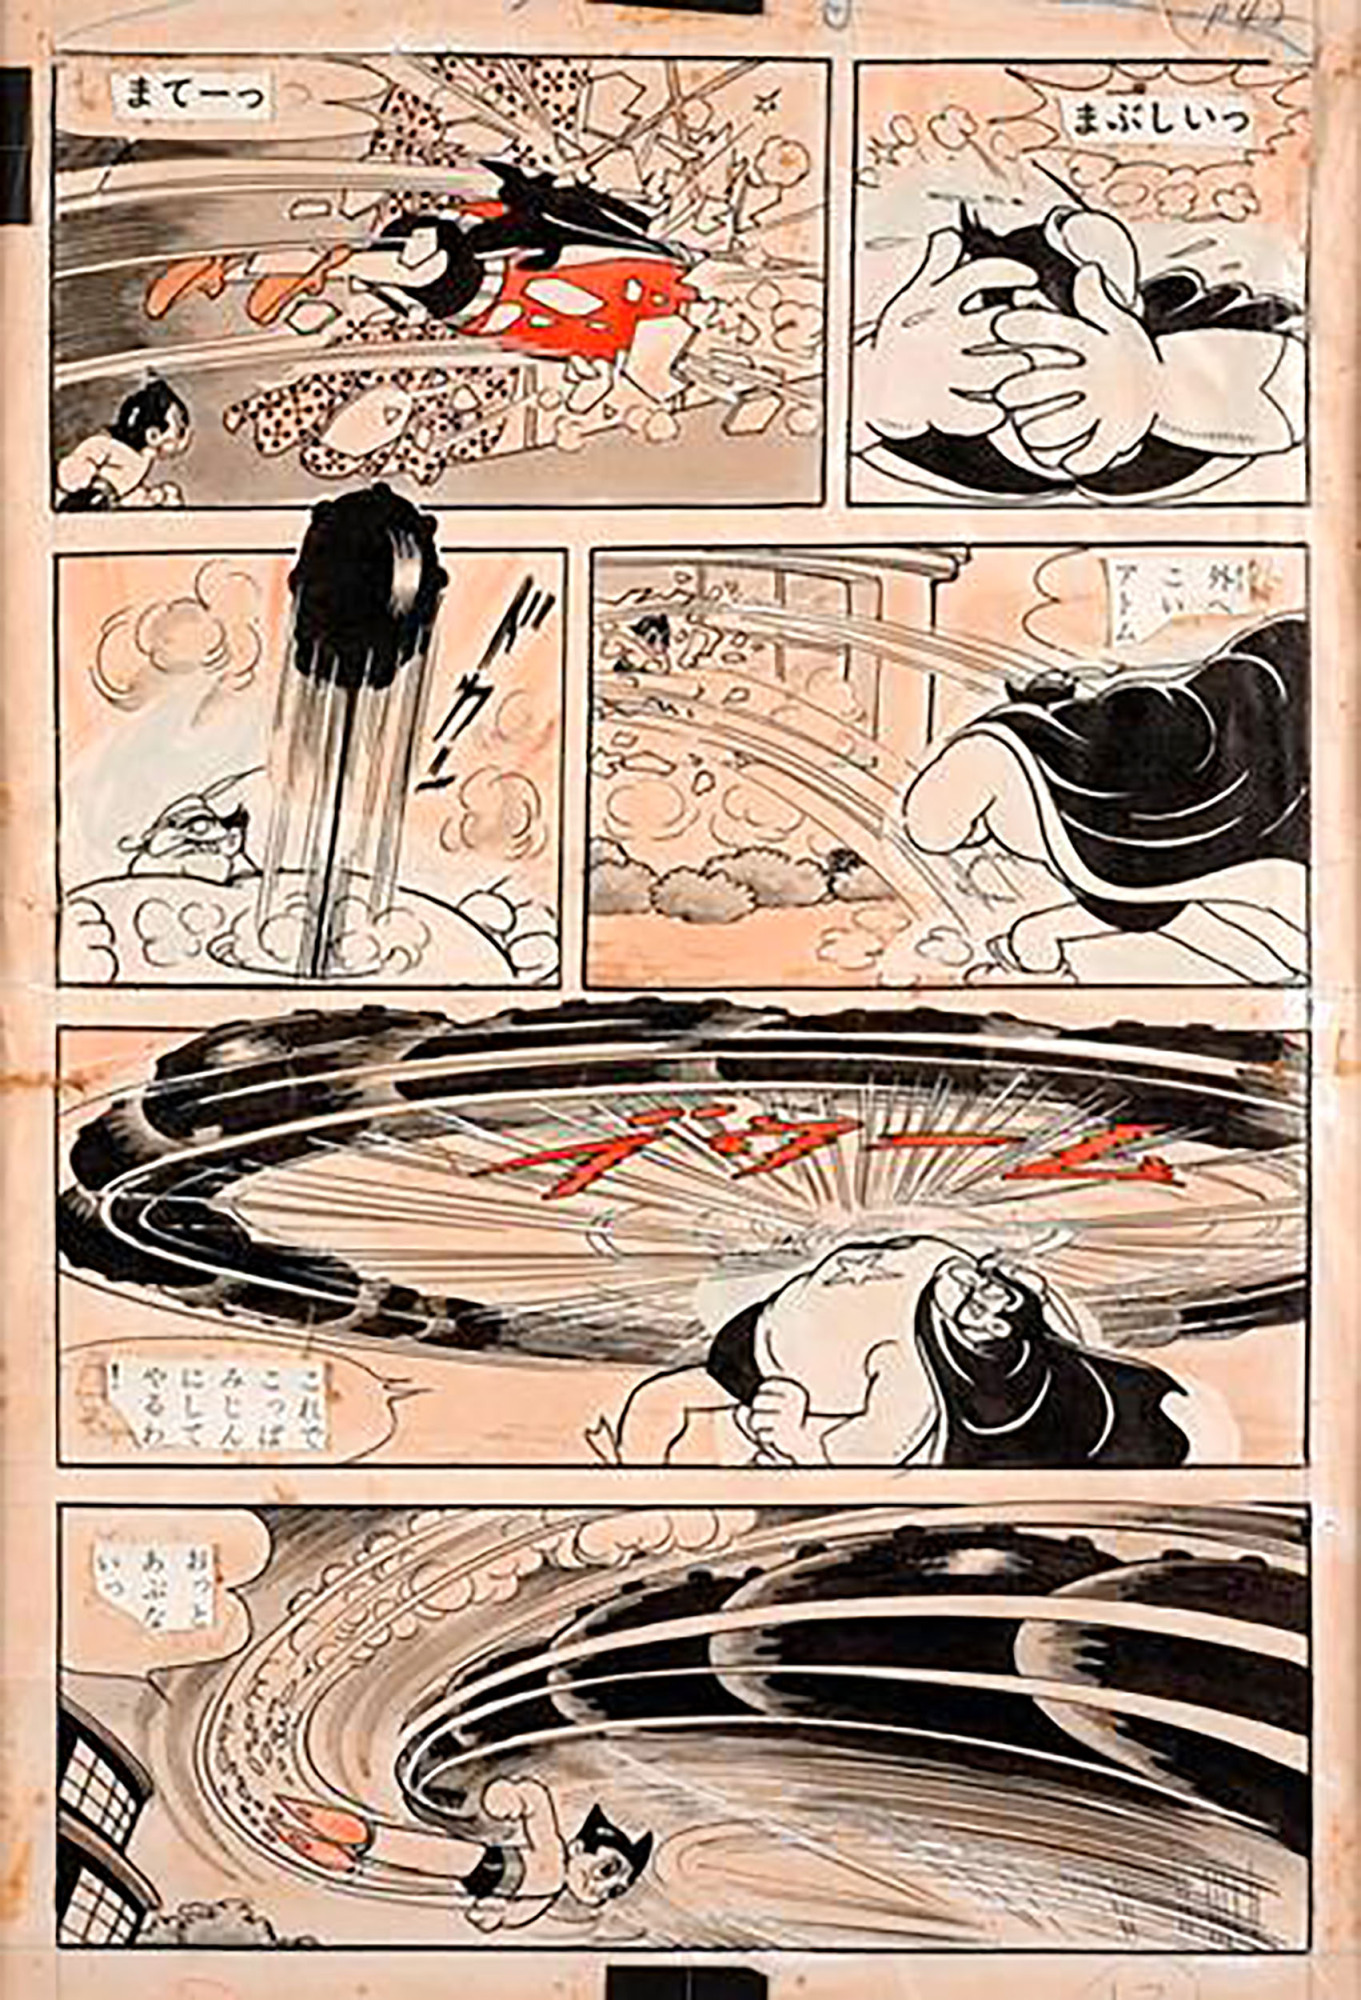 Astro Boy manga skitser opnår rekordpris på Paris auktion